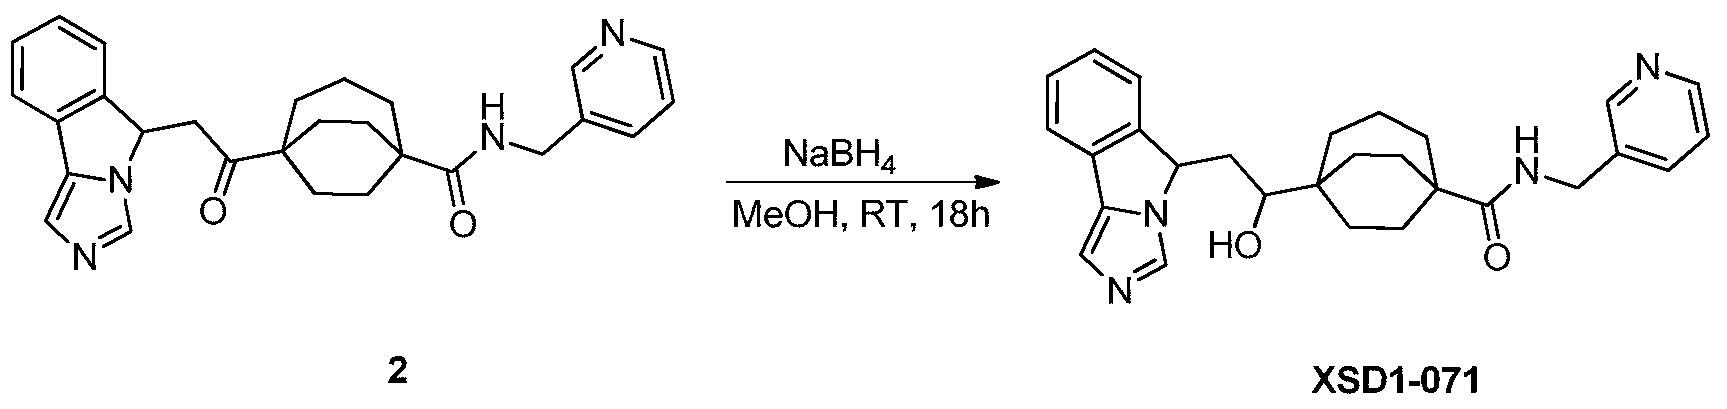 Figure PCTCN2017084604-appb-000092